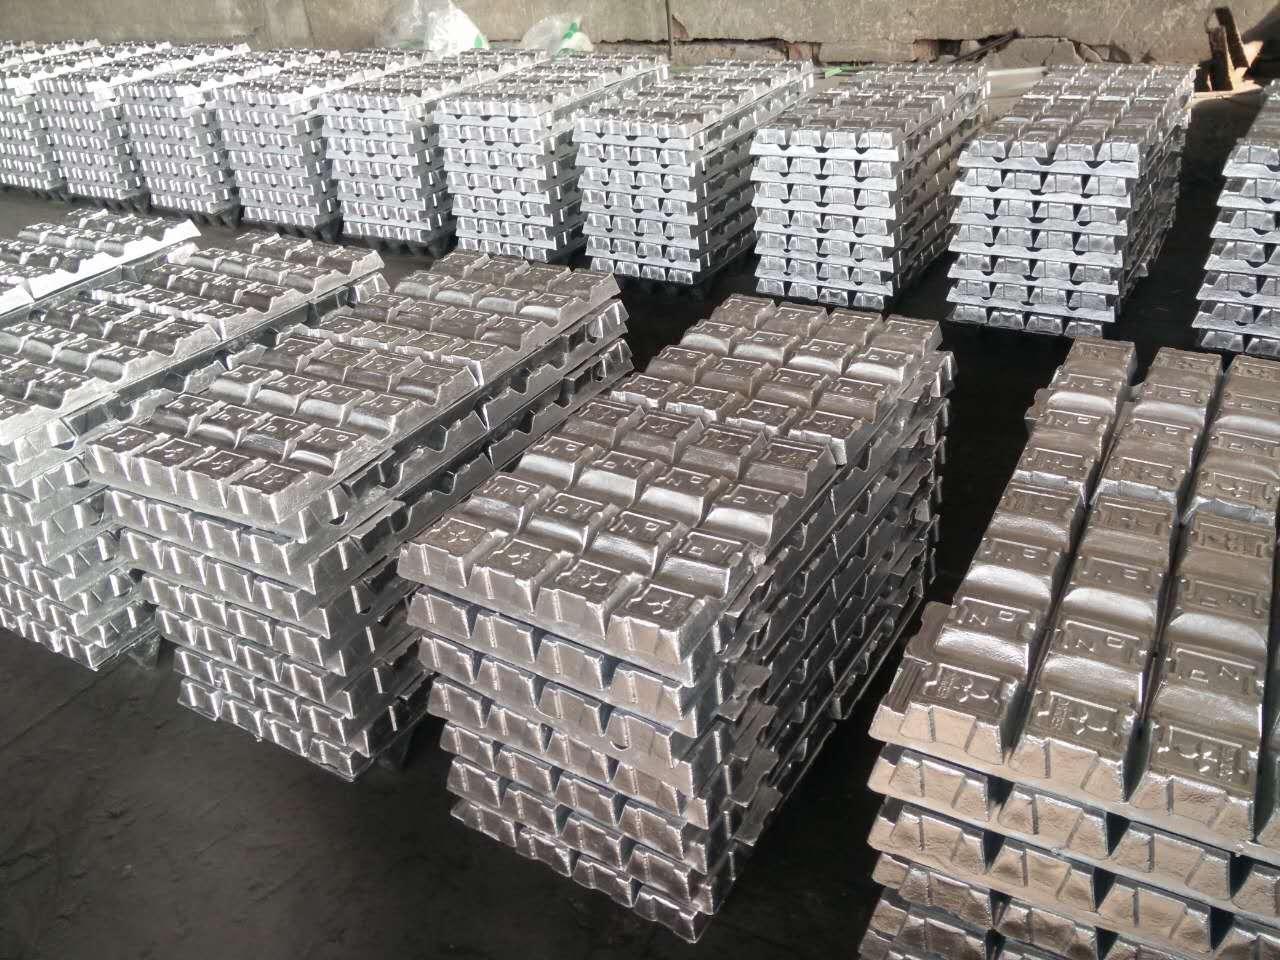 压铸锌合金锭 ZAMAK#4 金亿铝亿 浙江宁波